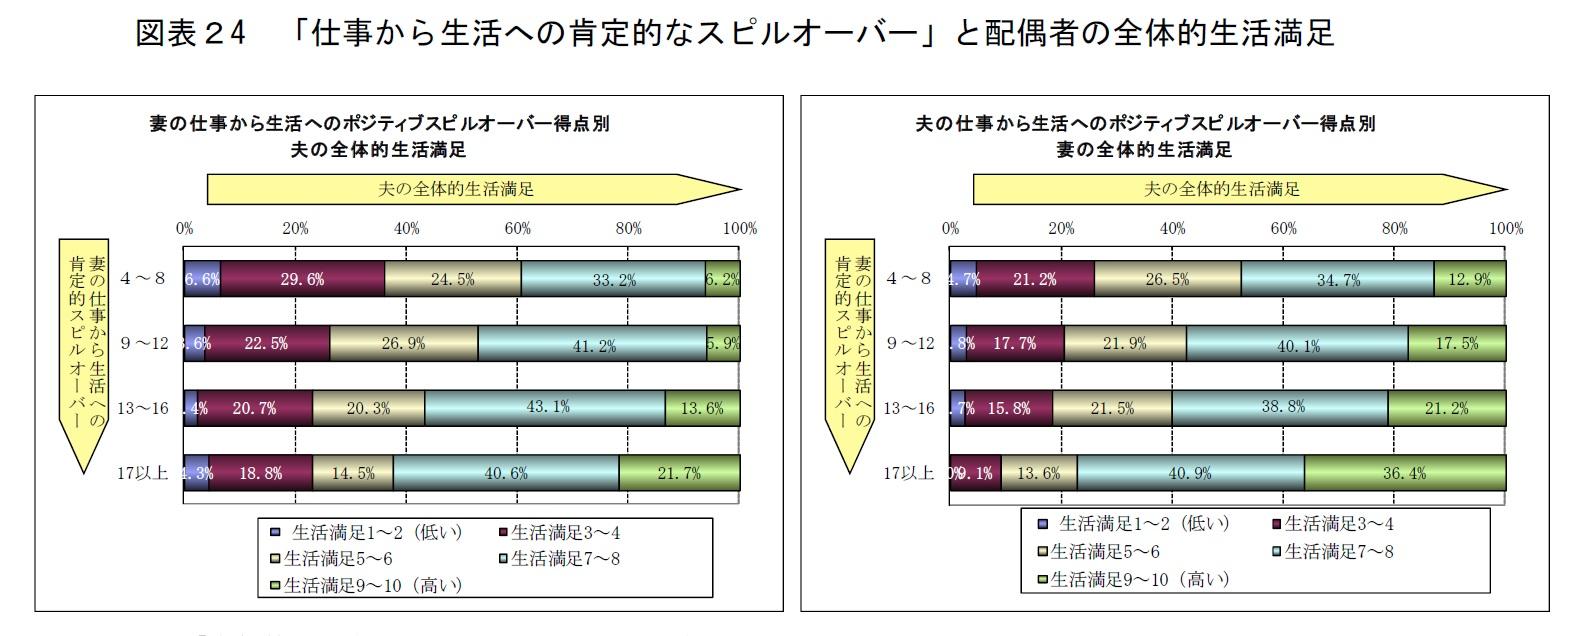 %e5%9b%b3%e8%a1%a8%ef%bc%924-%e3%80%8c%e4%bb%95%e4%ba%8b%e3%81%8b%e3%82%89%e7%94%9f%e6%b4%bb%e3%81%b8%e3%81%ae%e8%82%af%e5%ae%9a%e7%9a%84%e3%81%aa%e3%82%b9%e3%83%94%e3%83%ab%e3%82%aa%e3%83%bc%e3%83%90